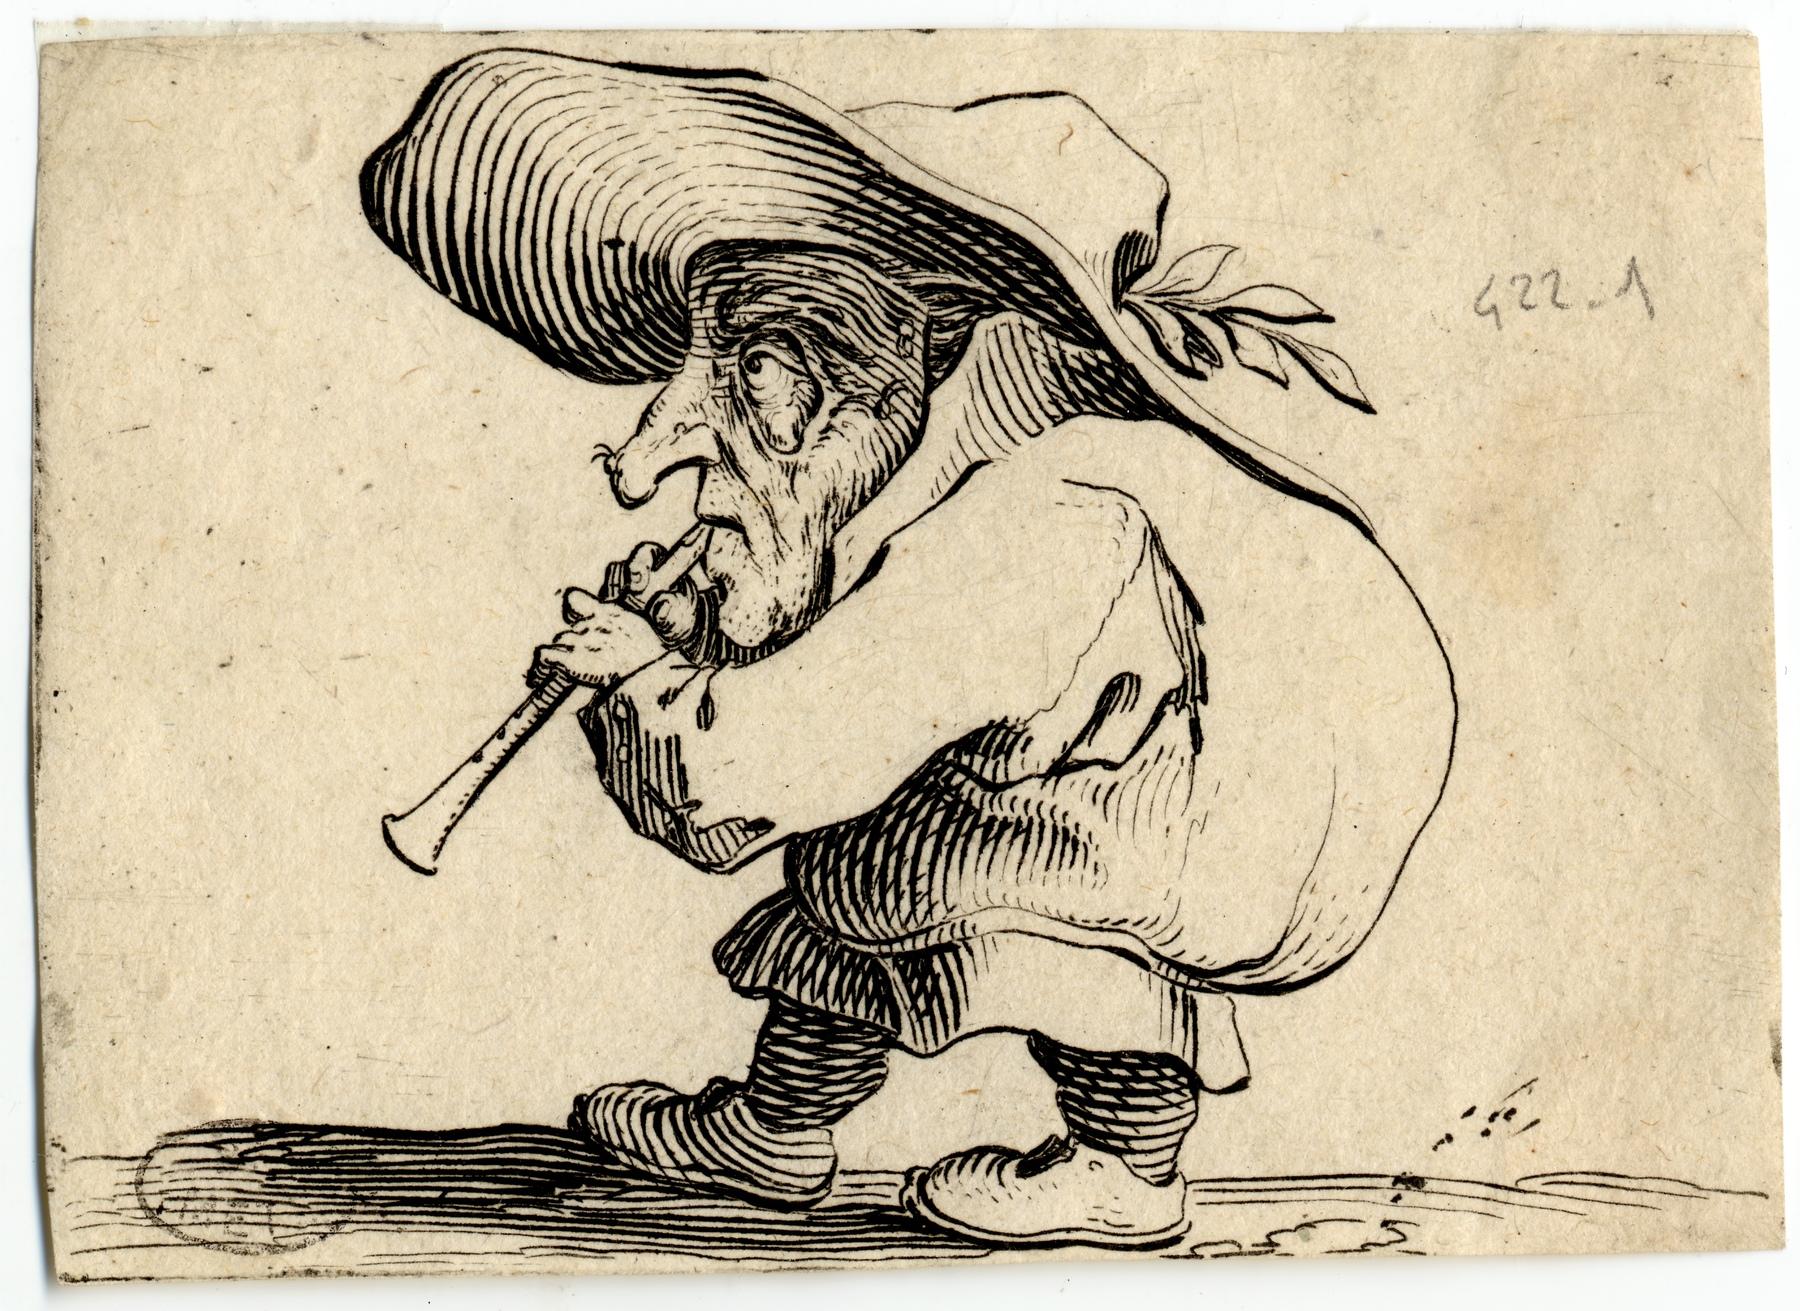 Contenu du Les Gobbi: Le joueur de flageolet